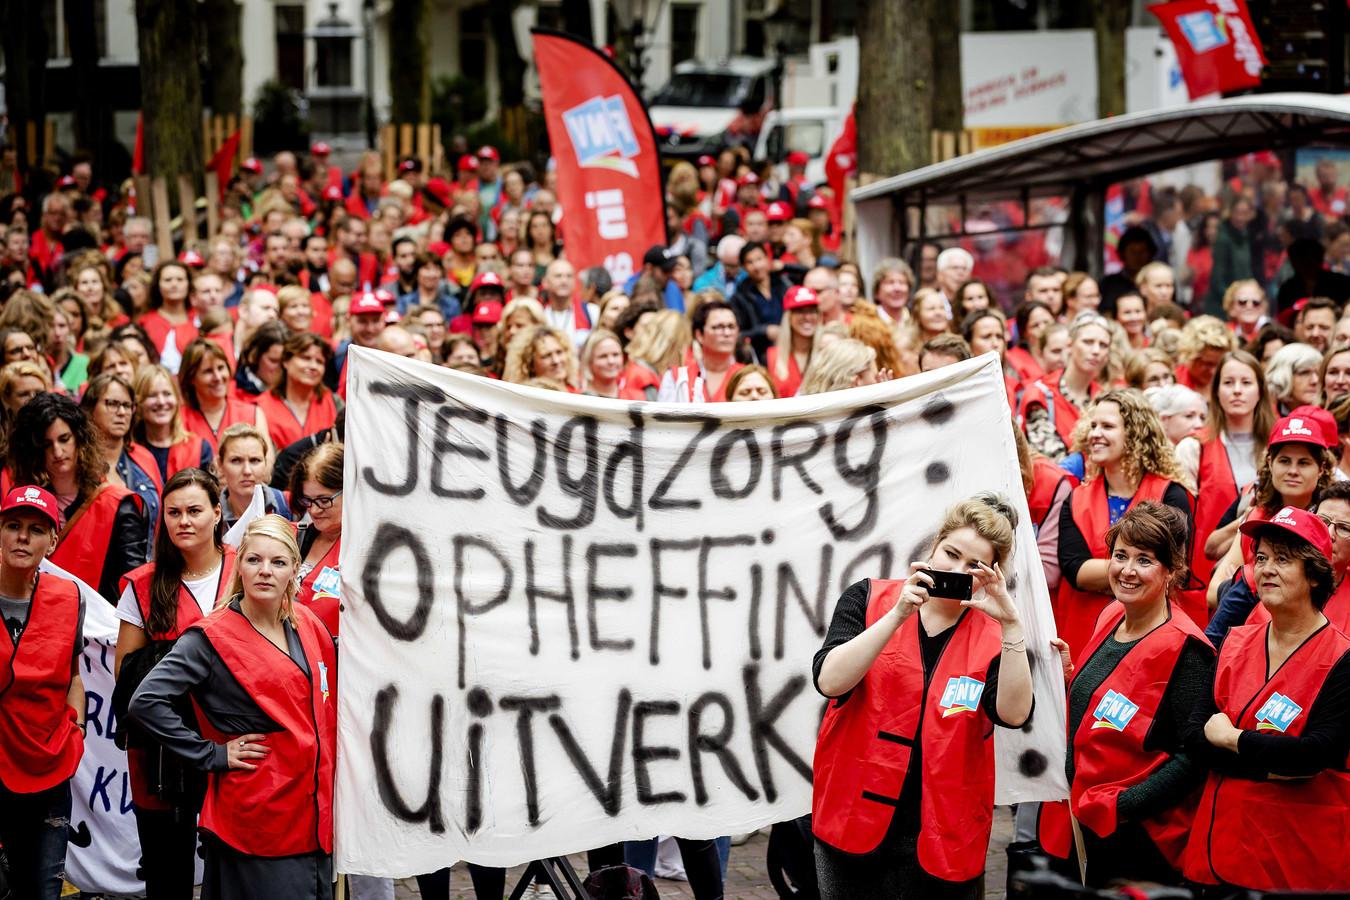 Jeugdzorgwerkers voerden in 2018 actie voor meer geld. Dat kwam er uiteindelijk waardoor vorig jaar ook voor een aantal Brabantse gemeenten de schade meeviel.